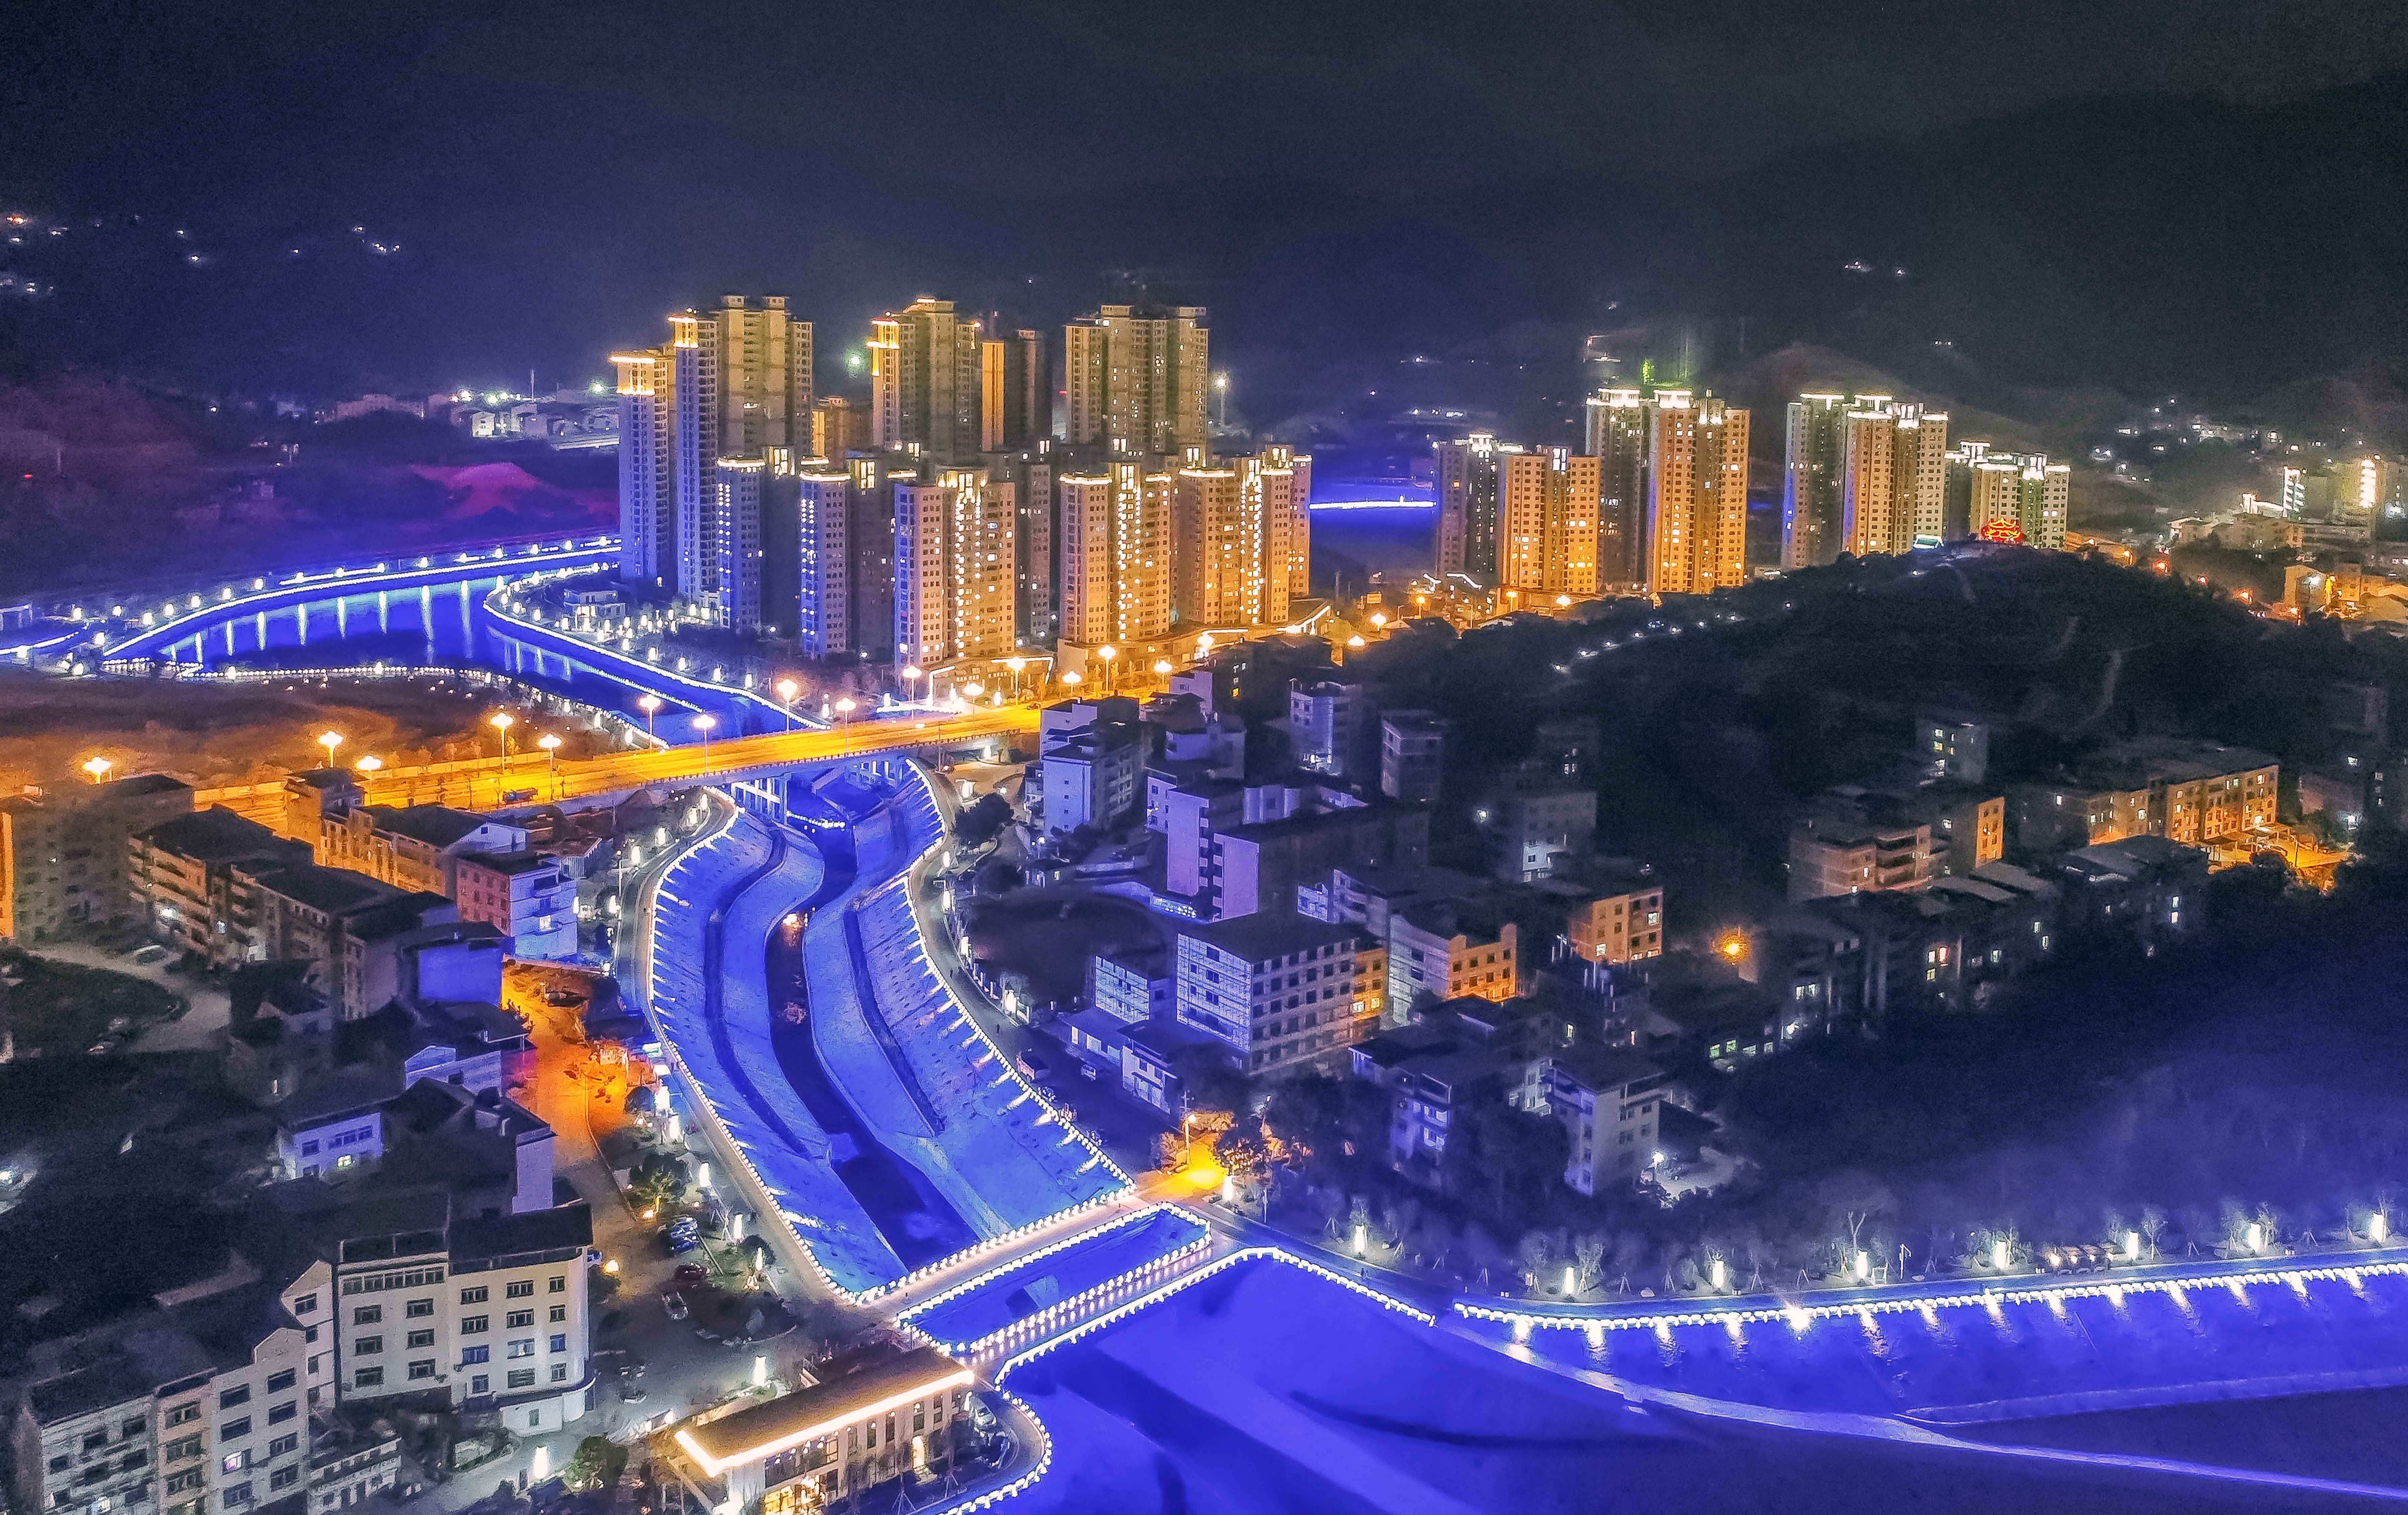 美丽的新城夜色